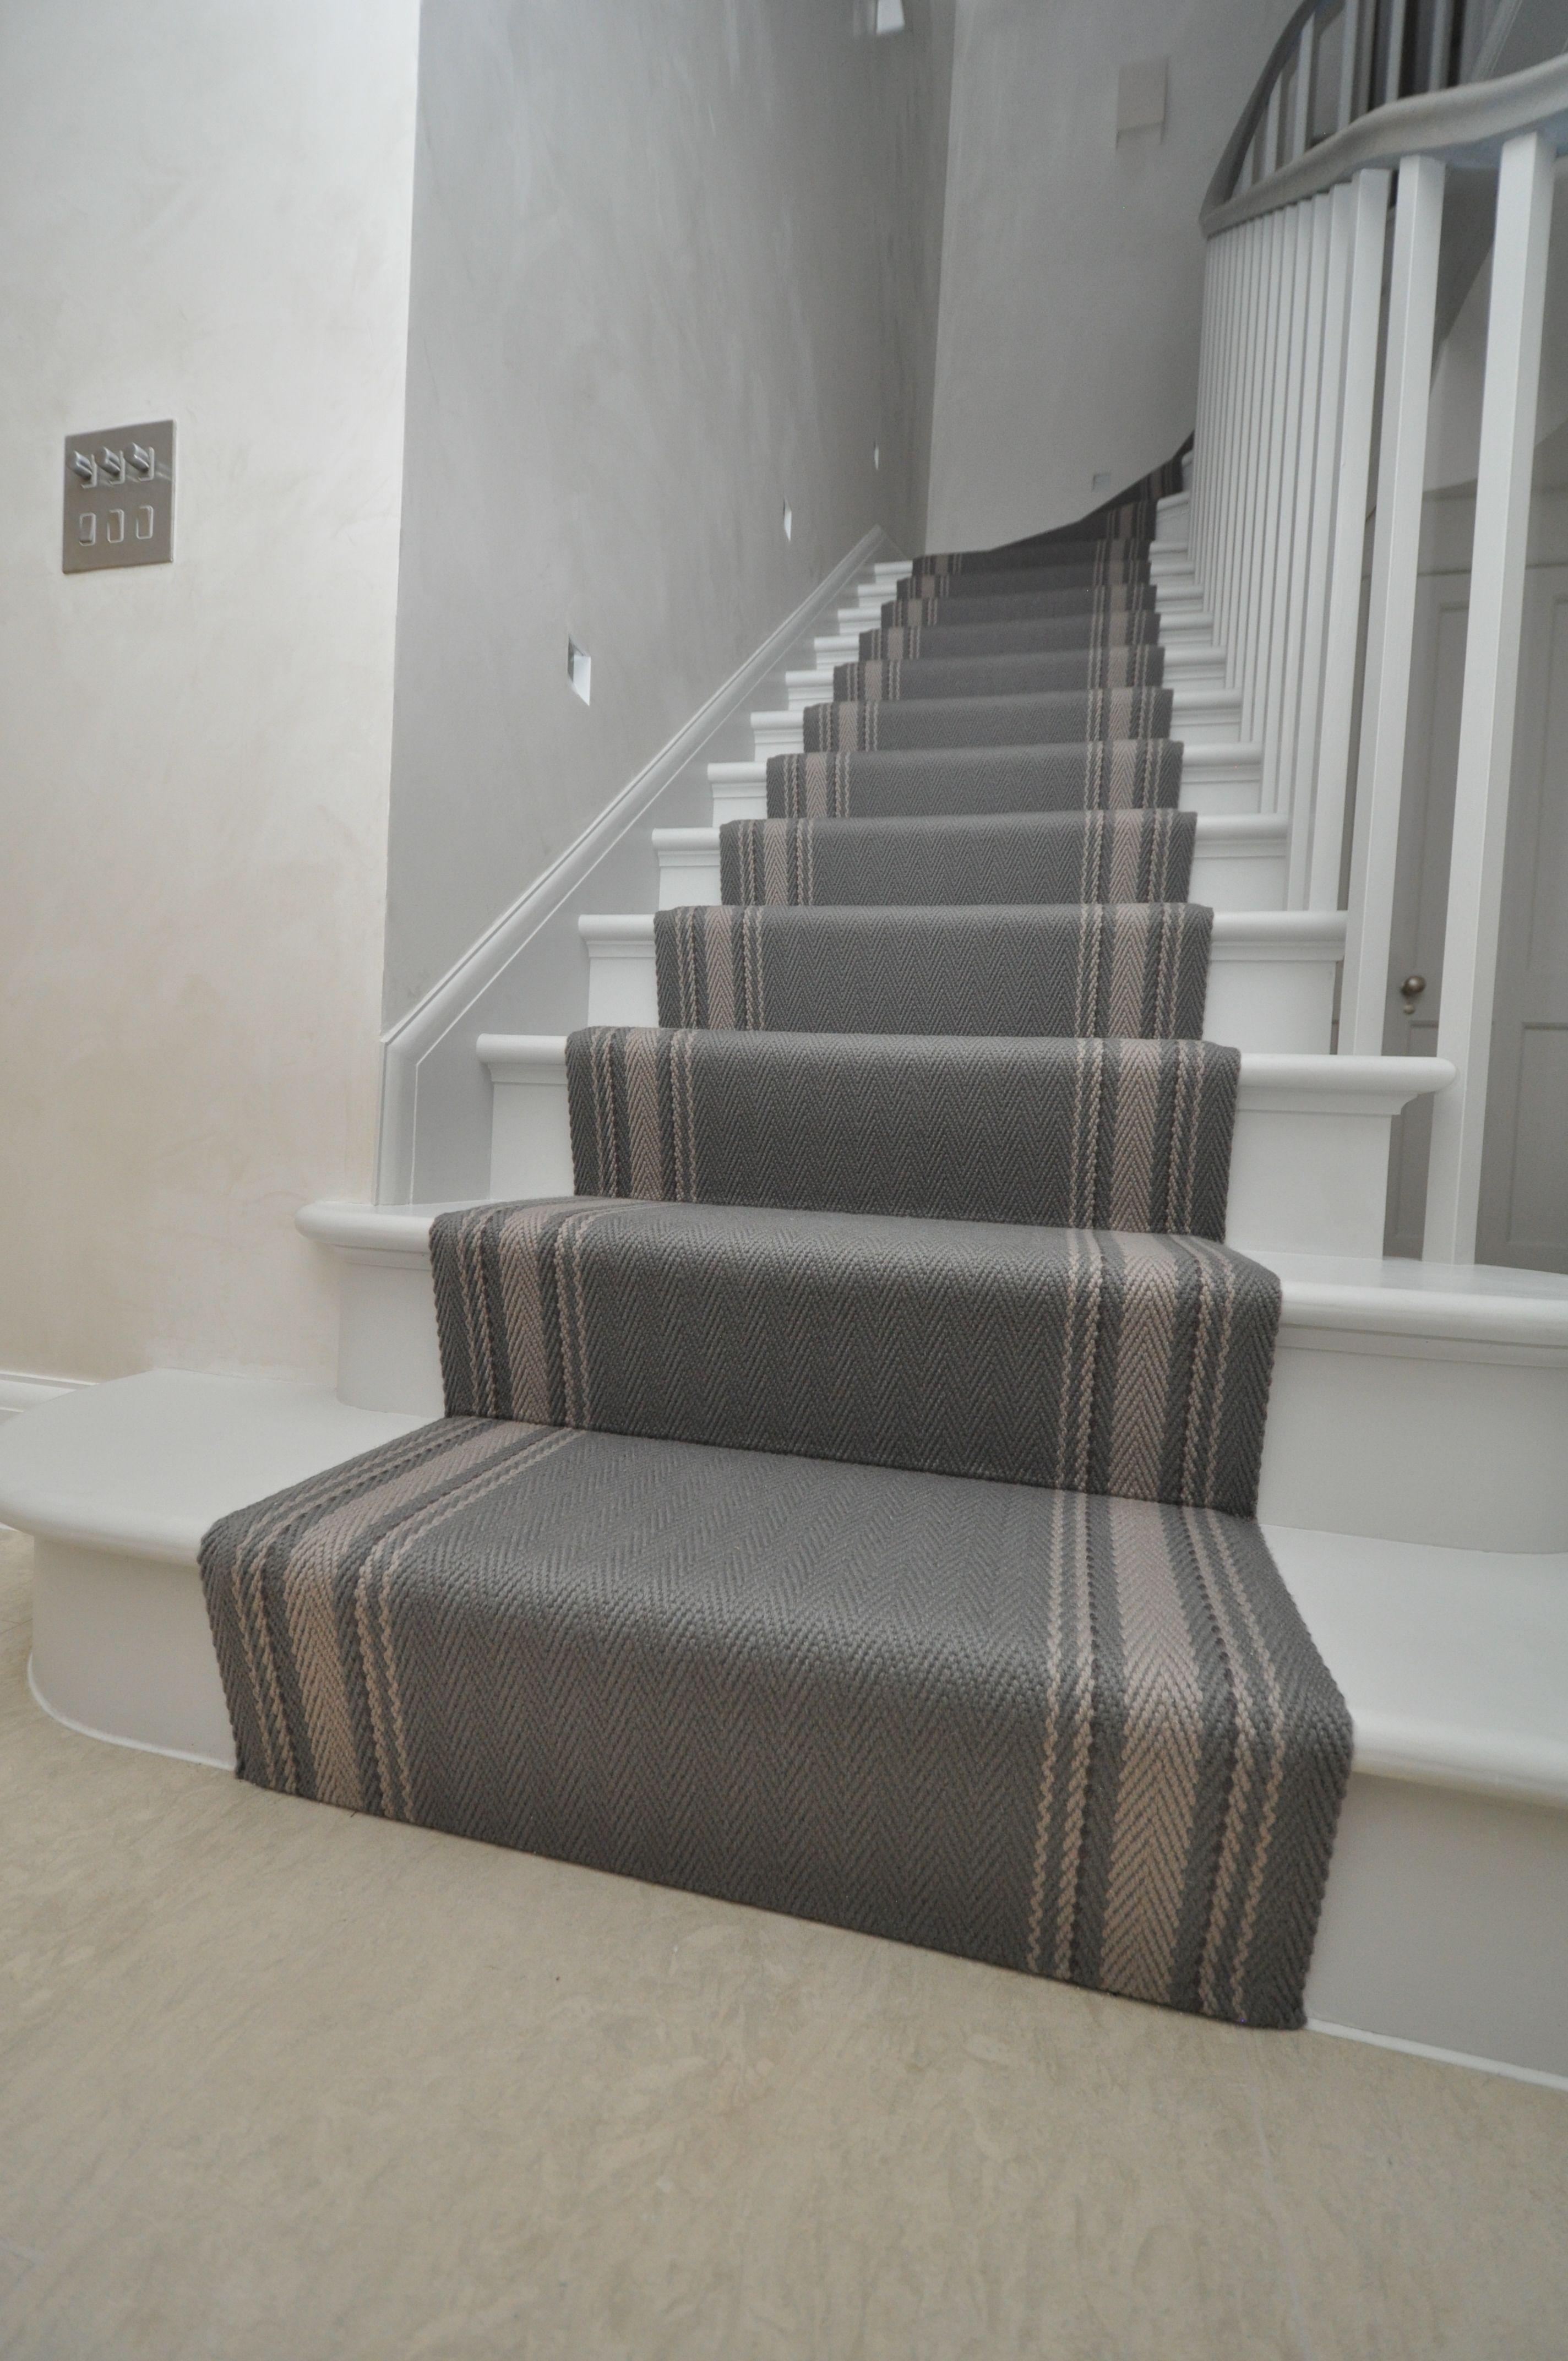 Best 4 061 Flatweave Stair Runners Off The Loom Gainford 1 400 x 300